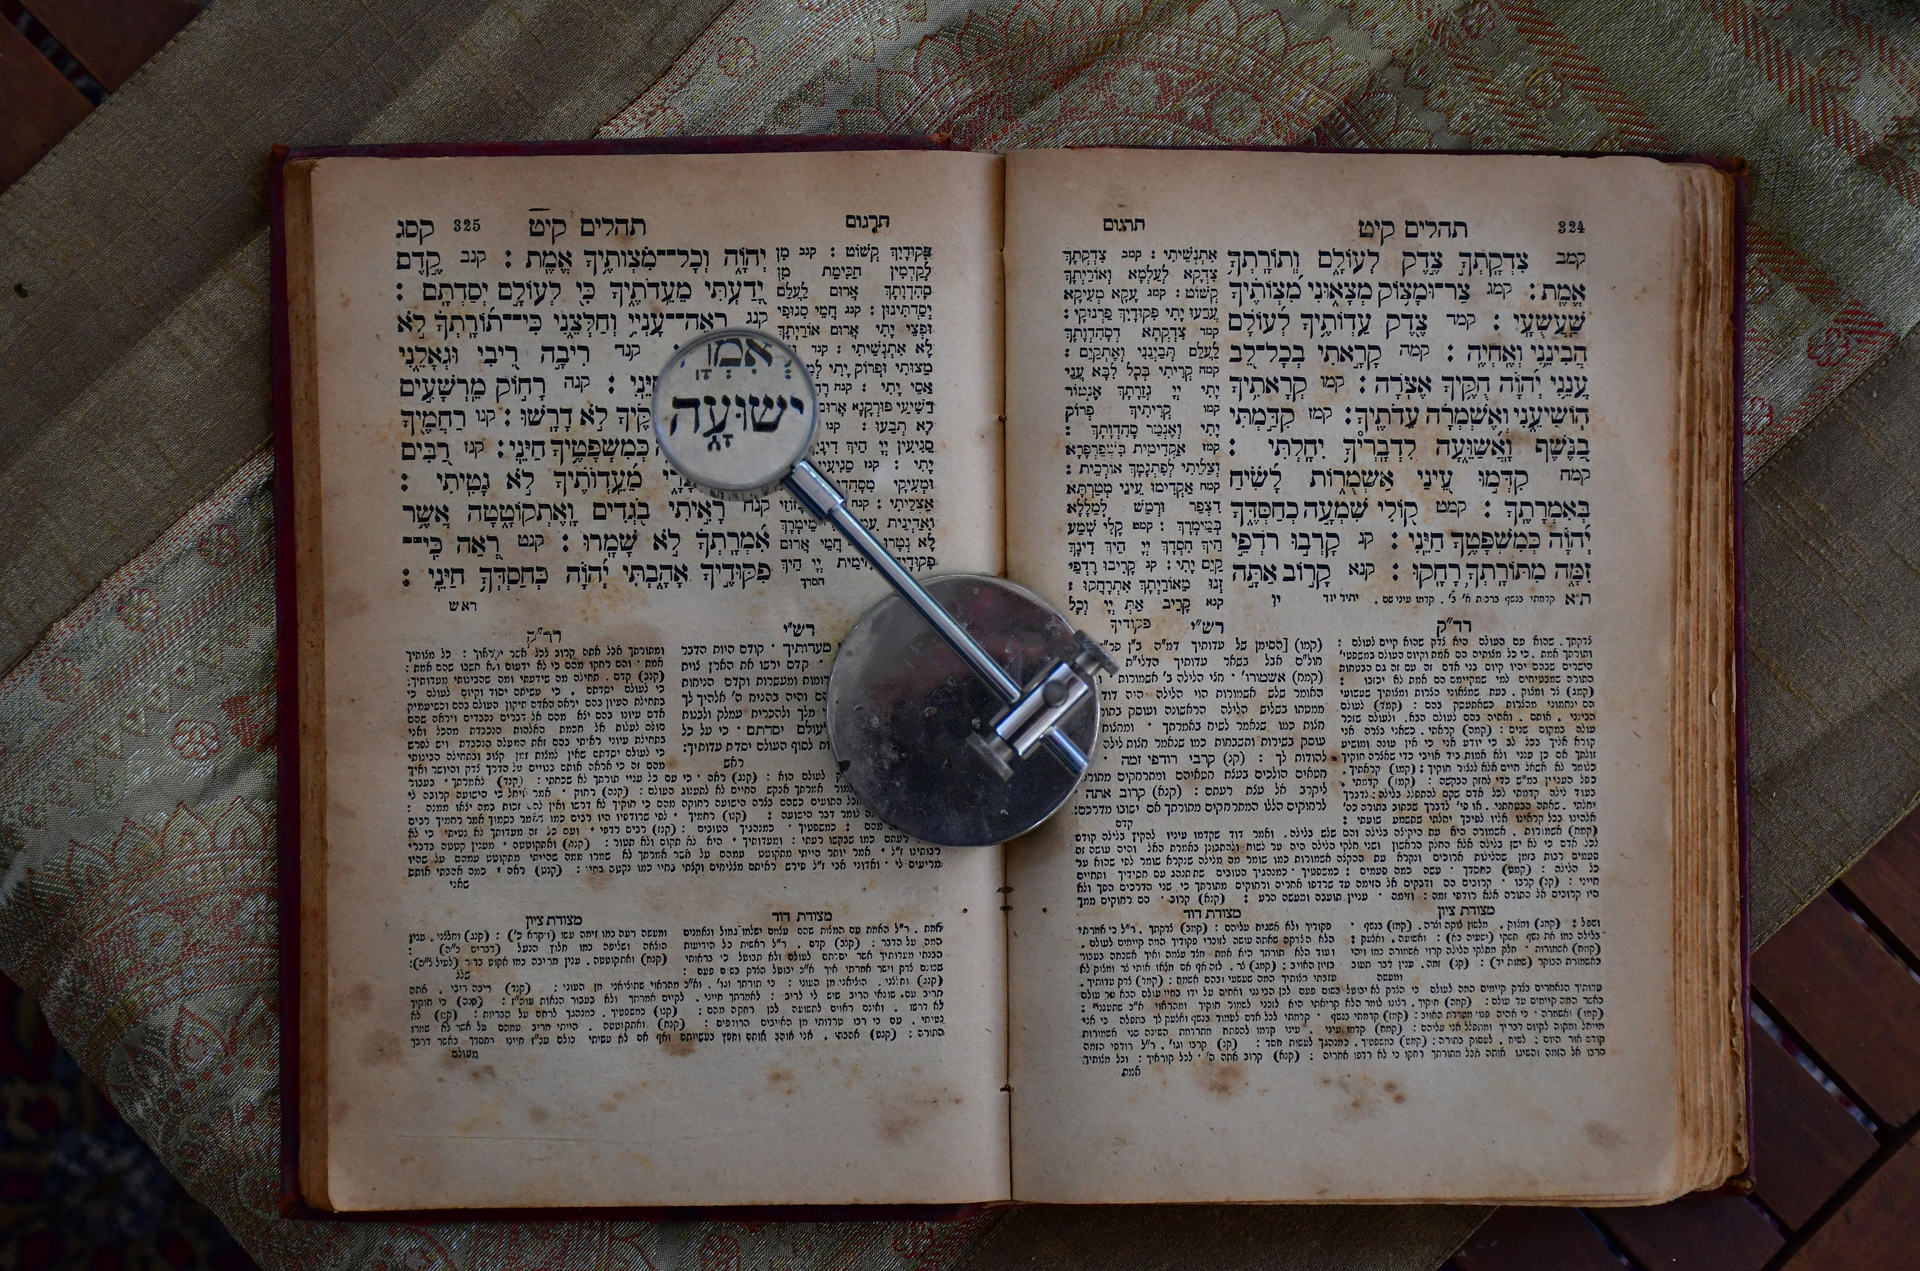 אותות ומופתים - שפע - ישועה שתרוג - יואל שתרוג - אדמה יוצרת - yoel sitruk